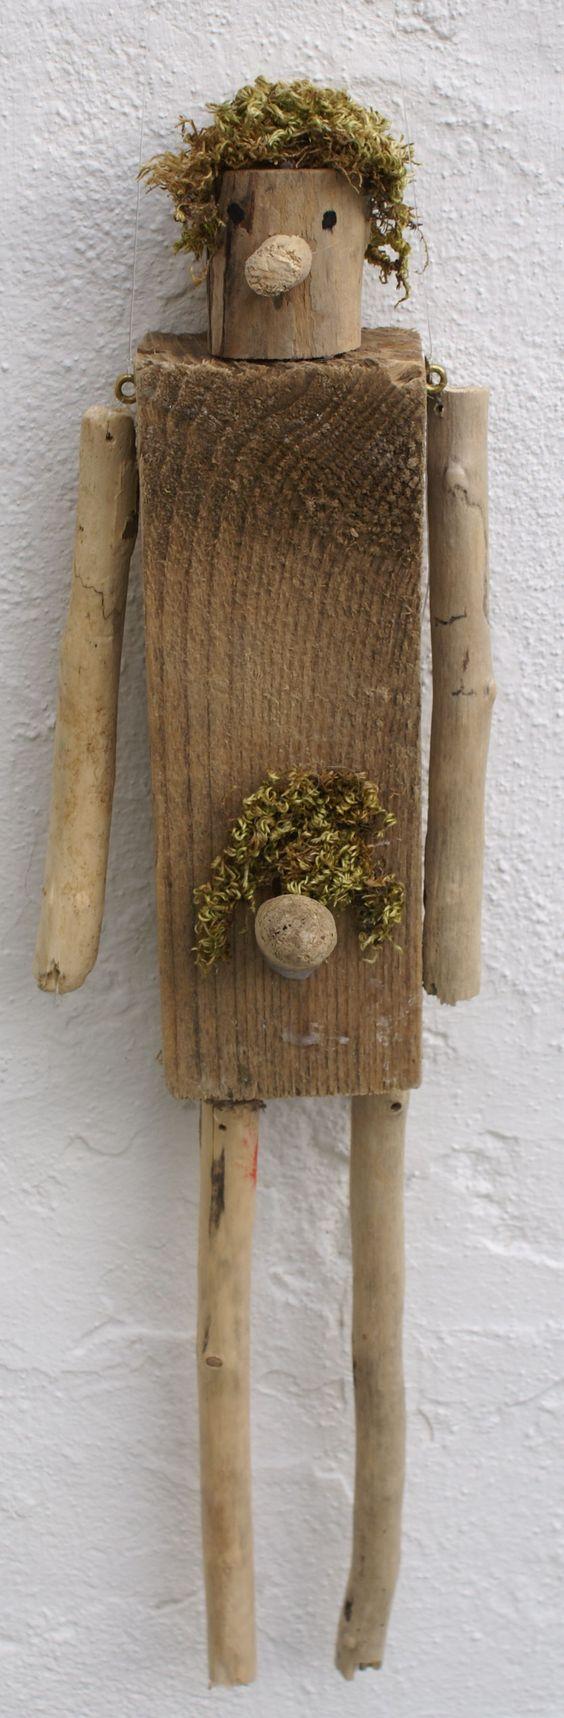 Treibholz - Männchen